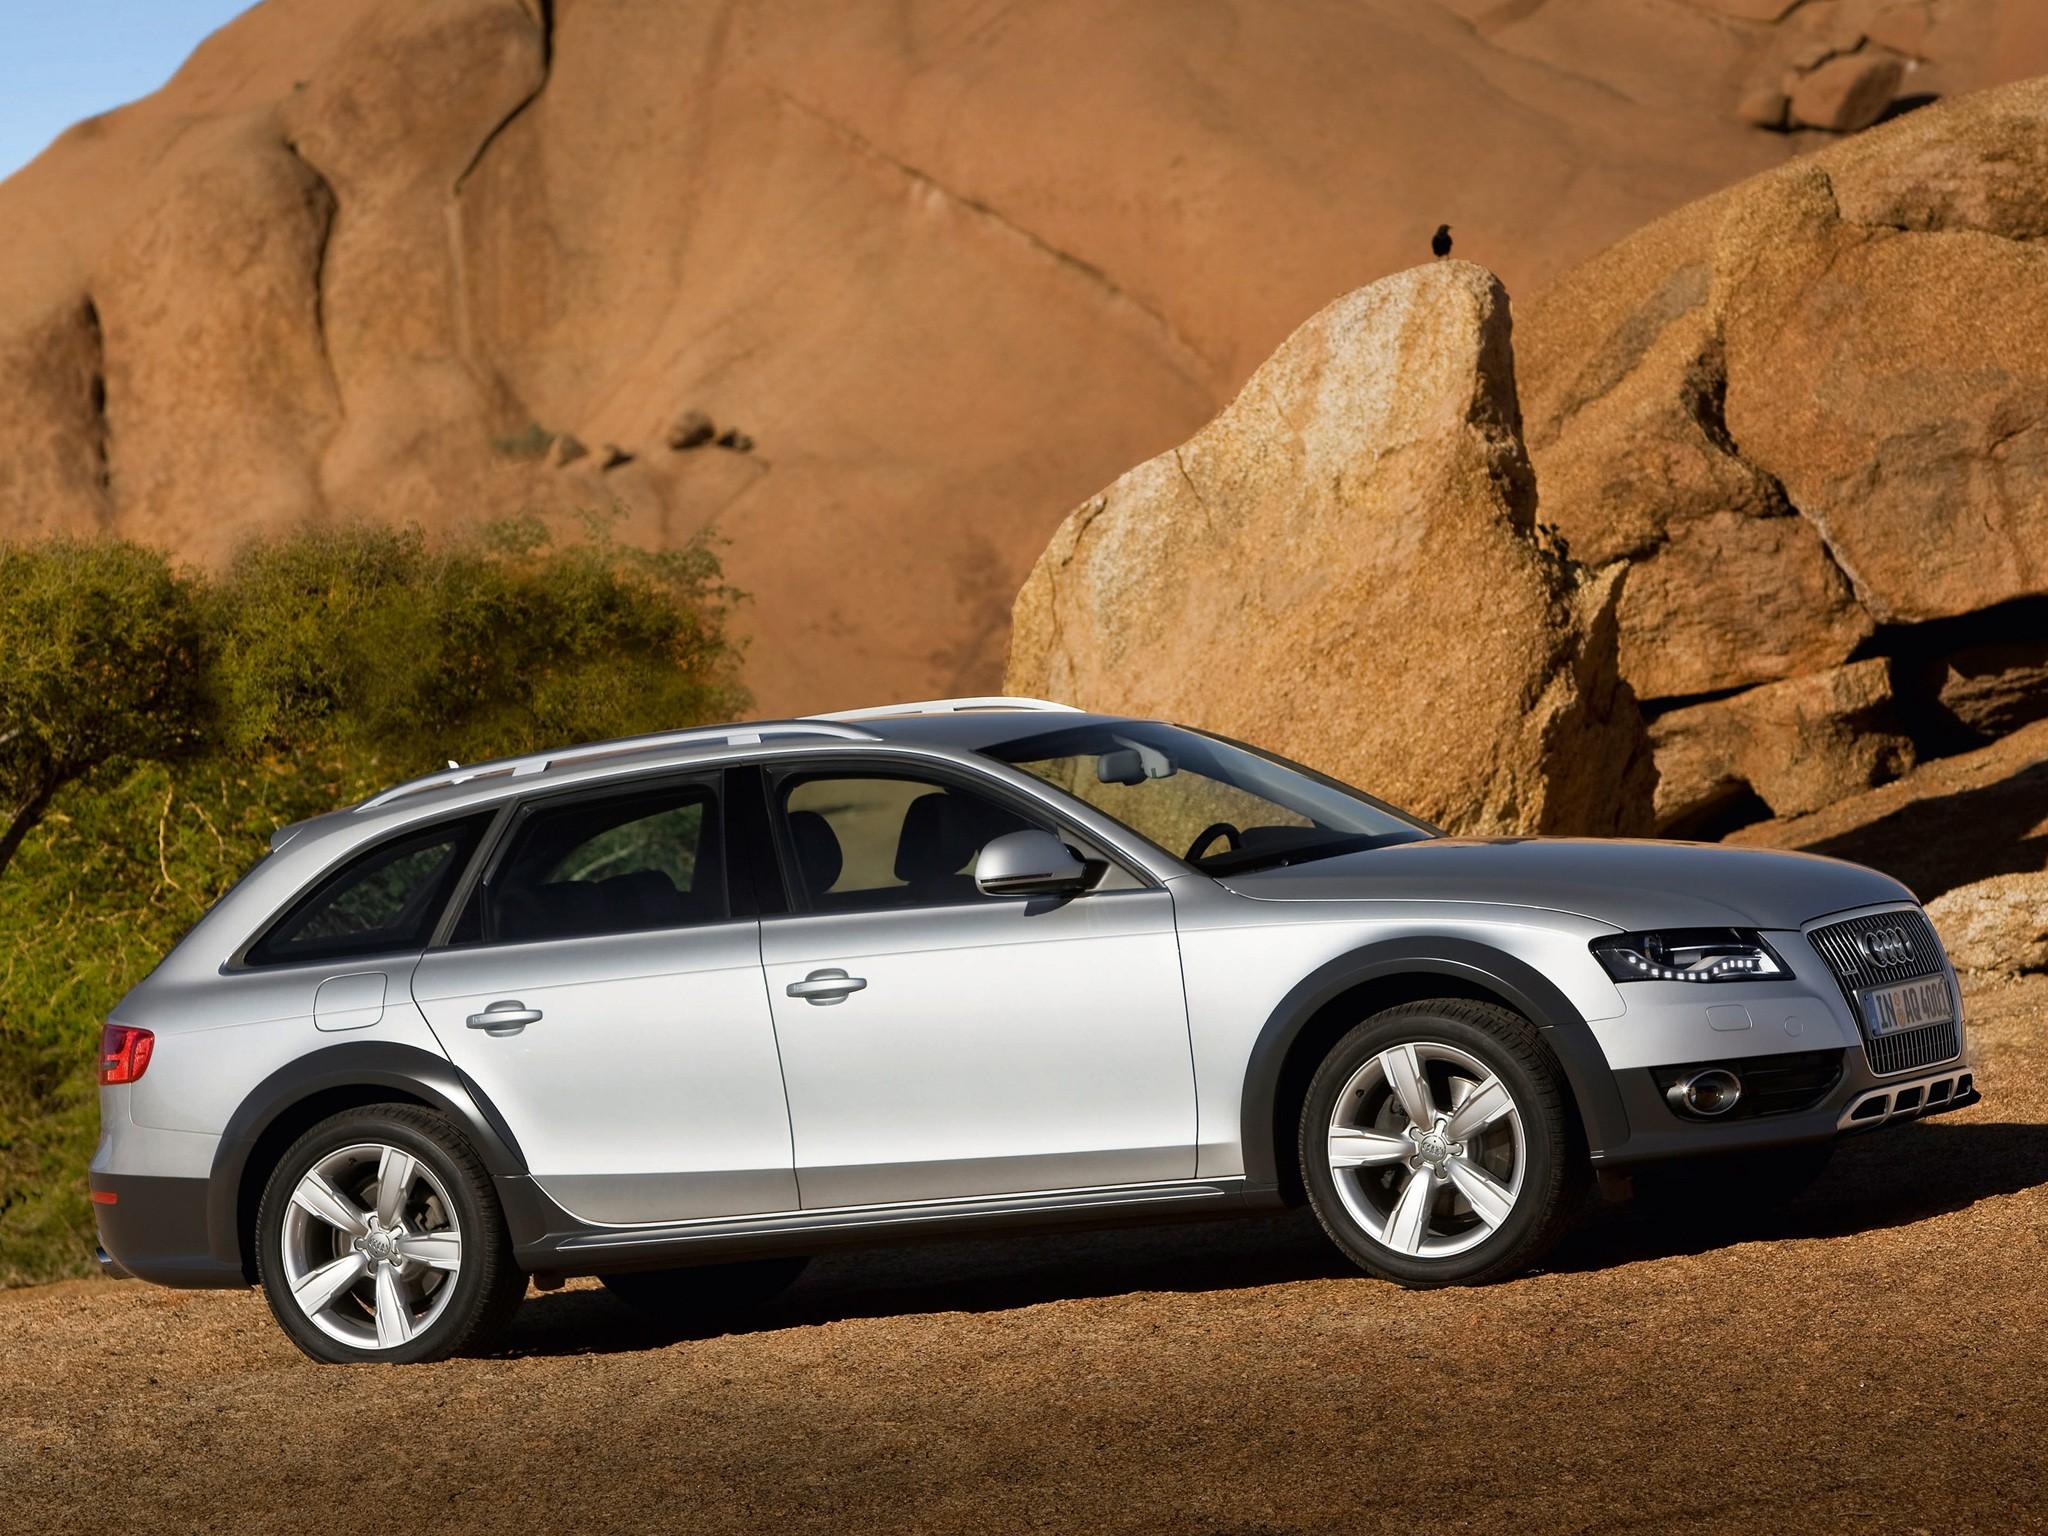 AUDI A4 Allroad - 2009, 2010, 2011 - autoevolution